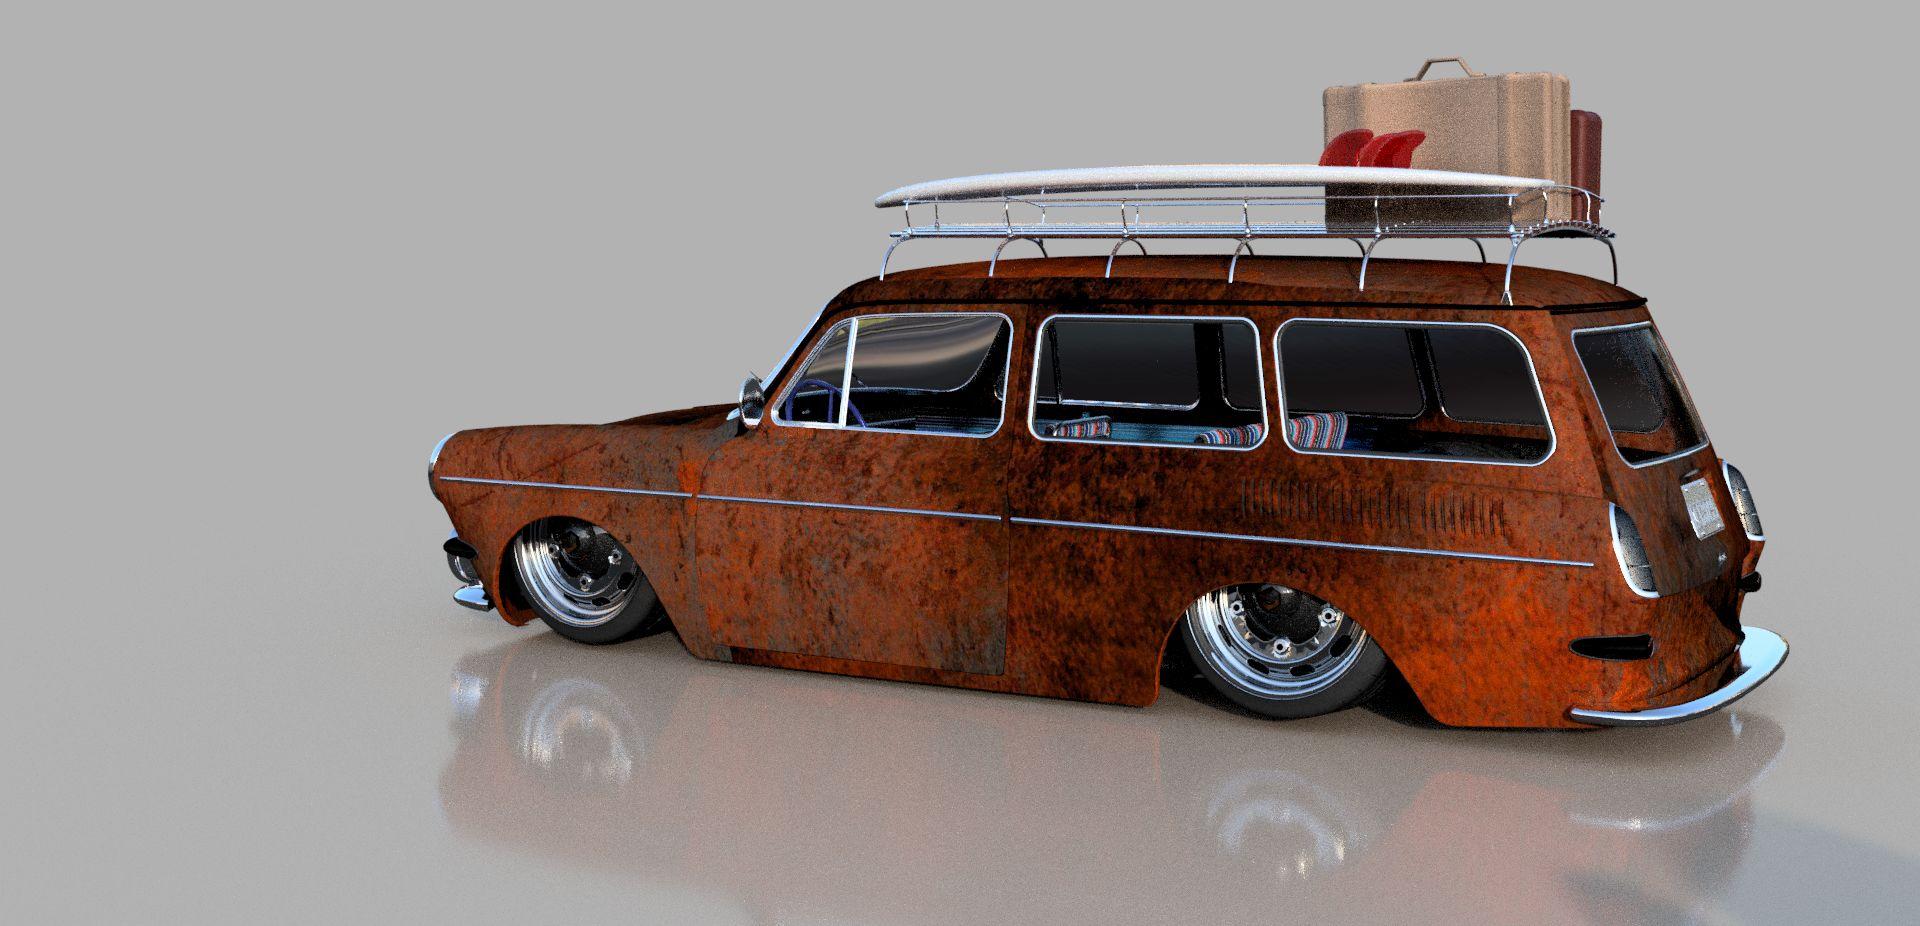 Vw-squareback-v21-2-3500-3500